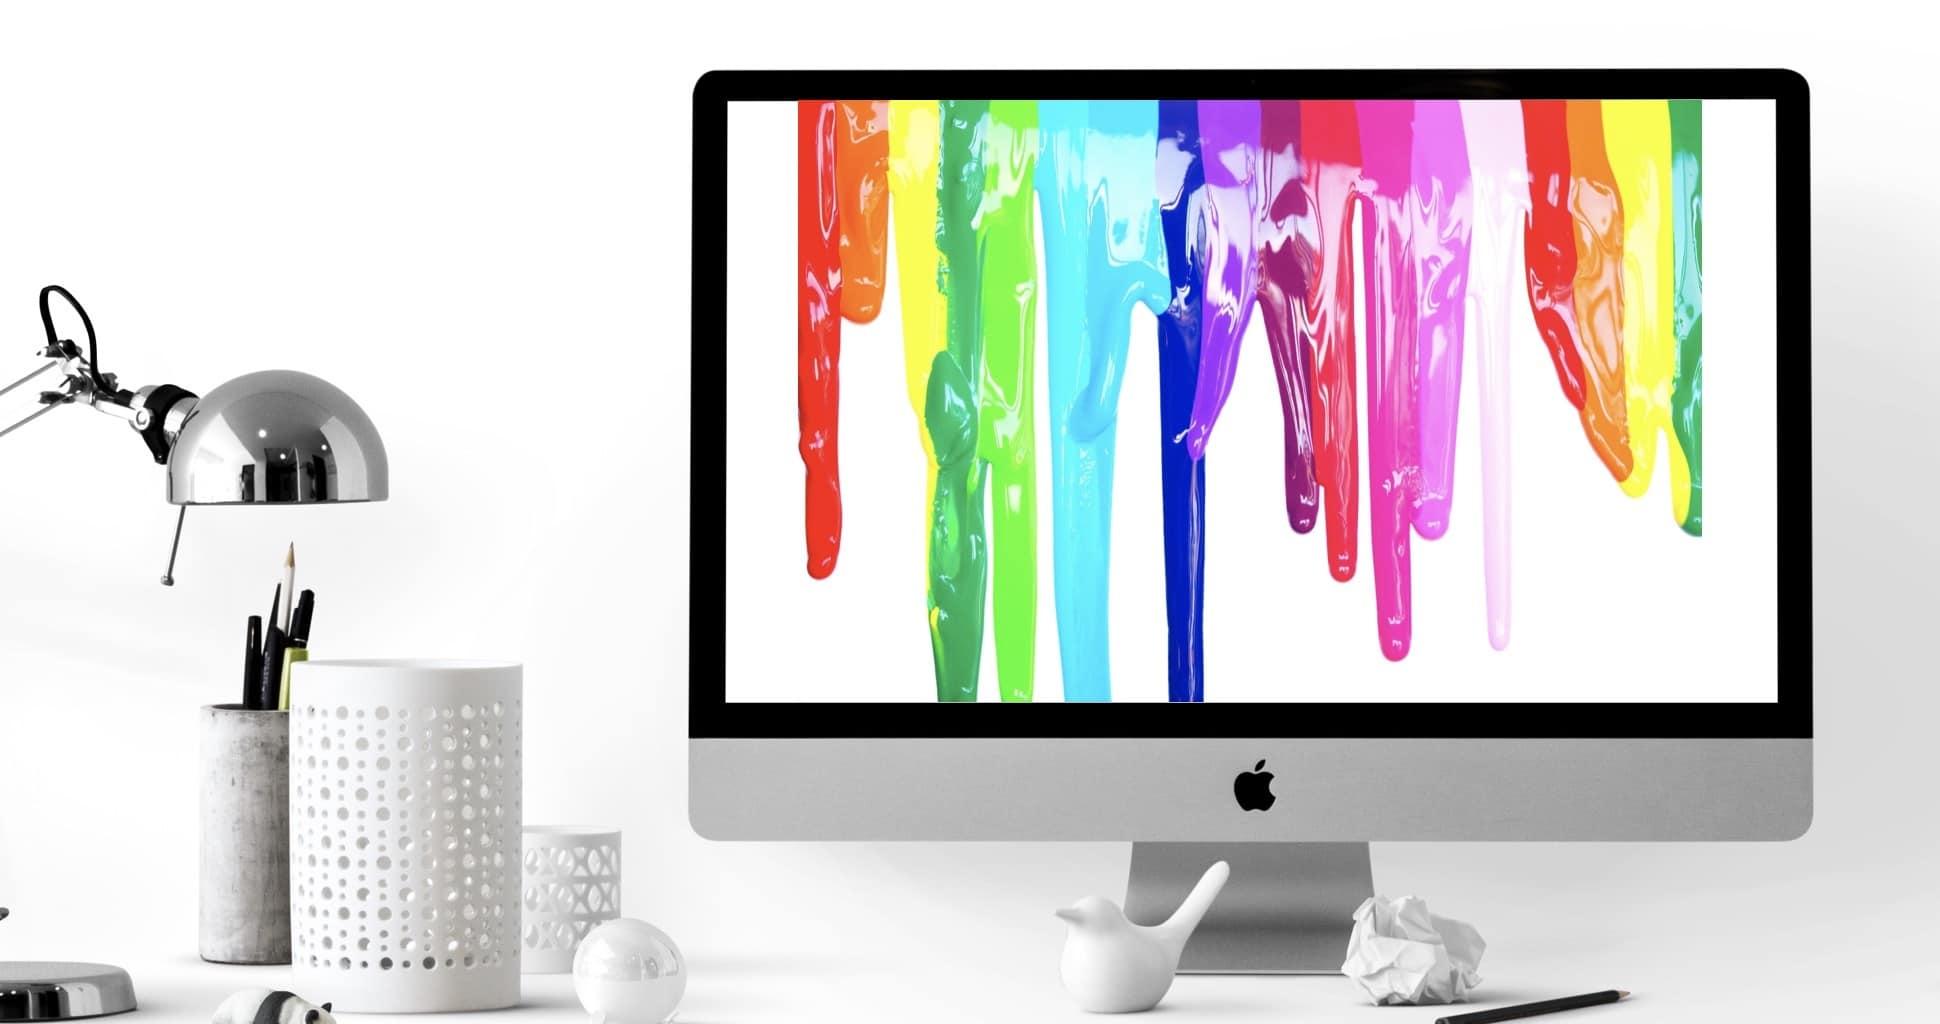 Coulures de peintures de couleurs vives affichées sur un ordinateur